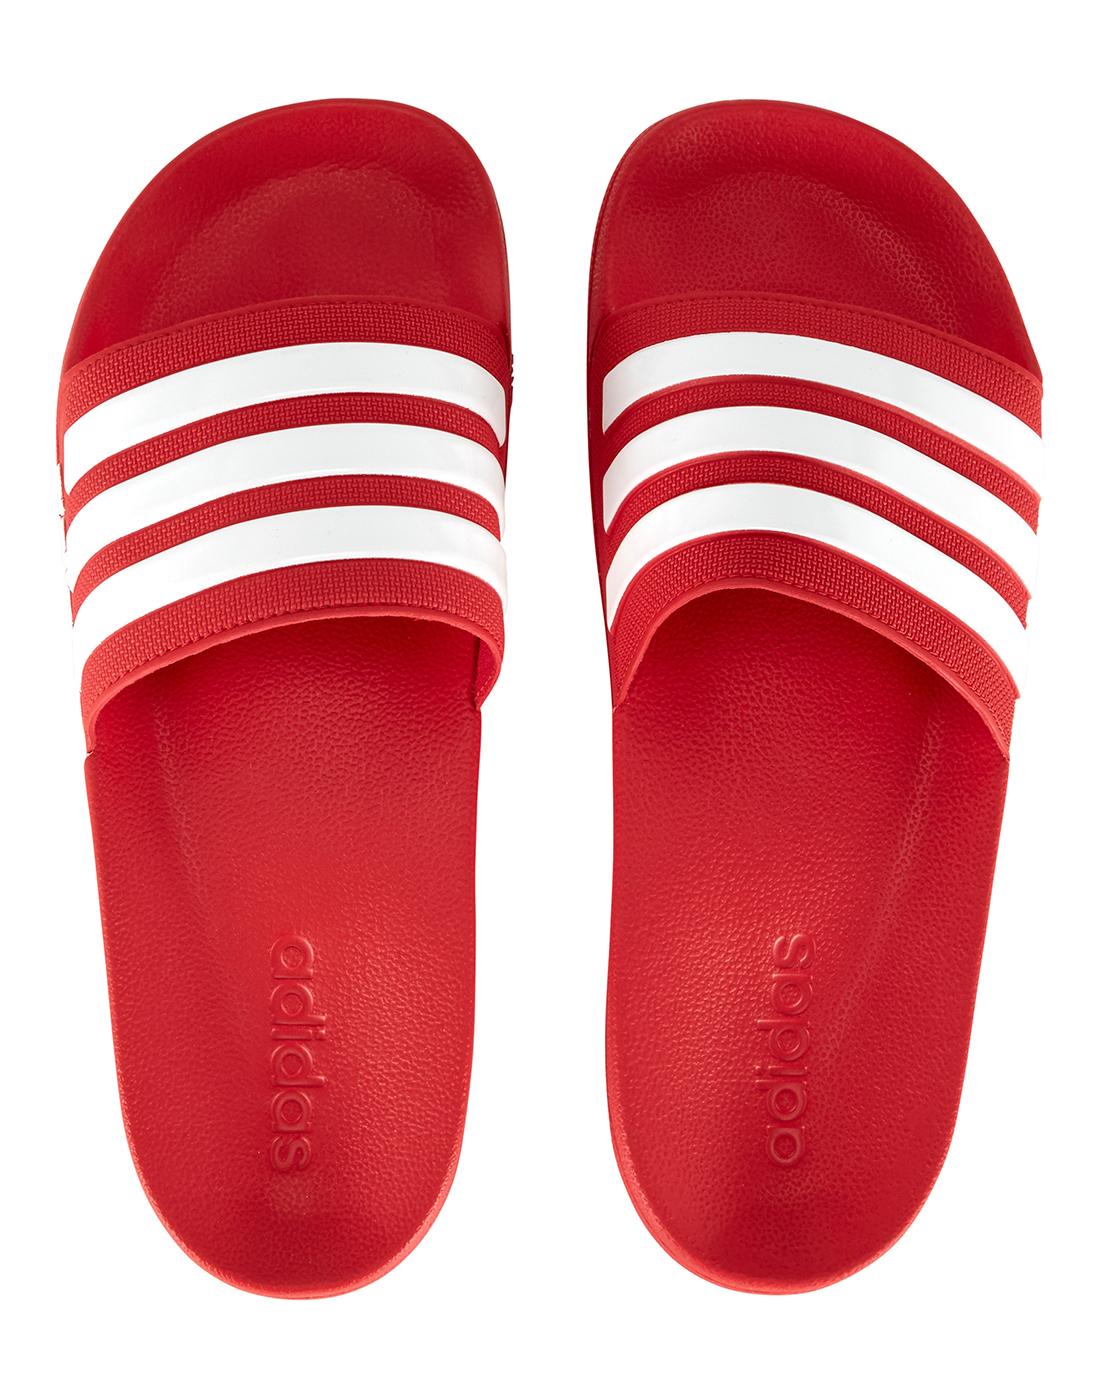 8848bdb2b43 Men s Red   White adidas Slides